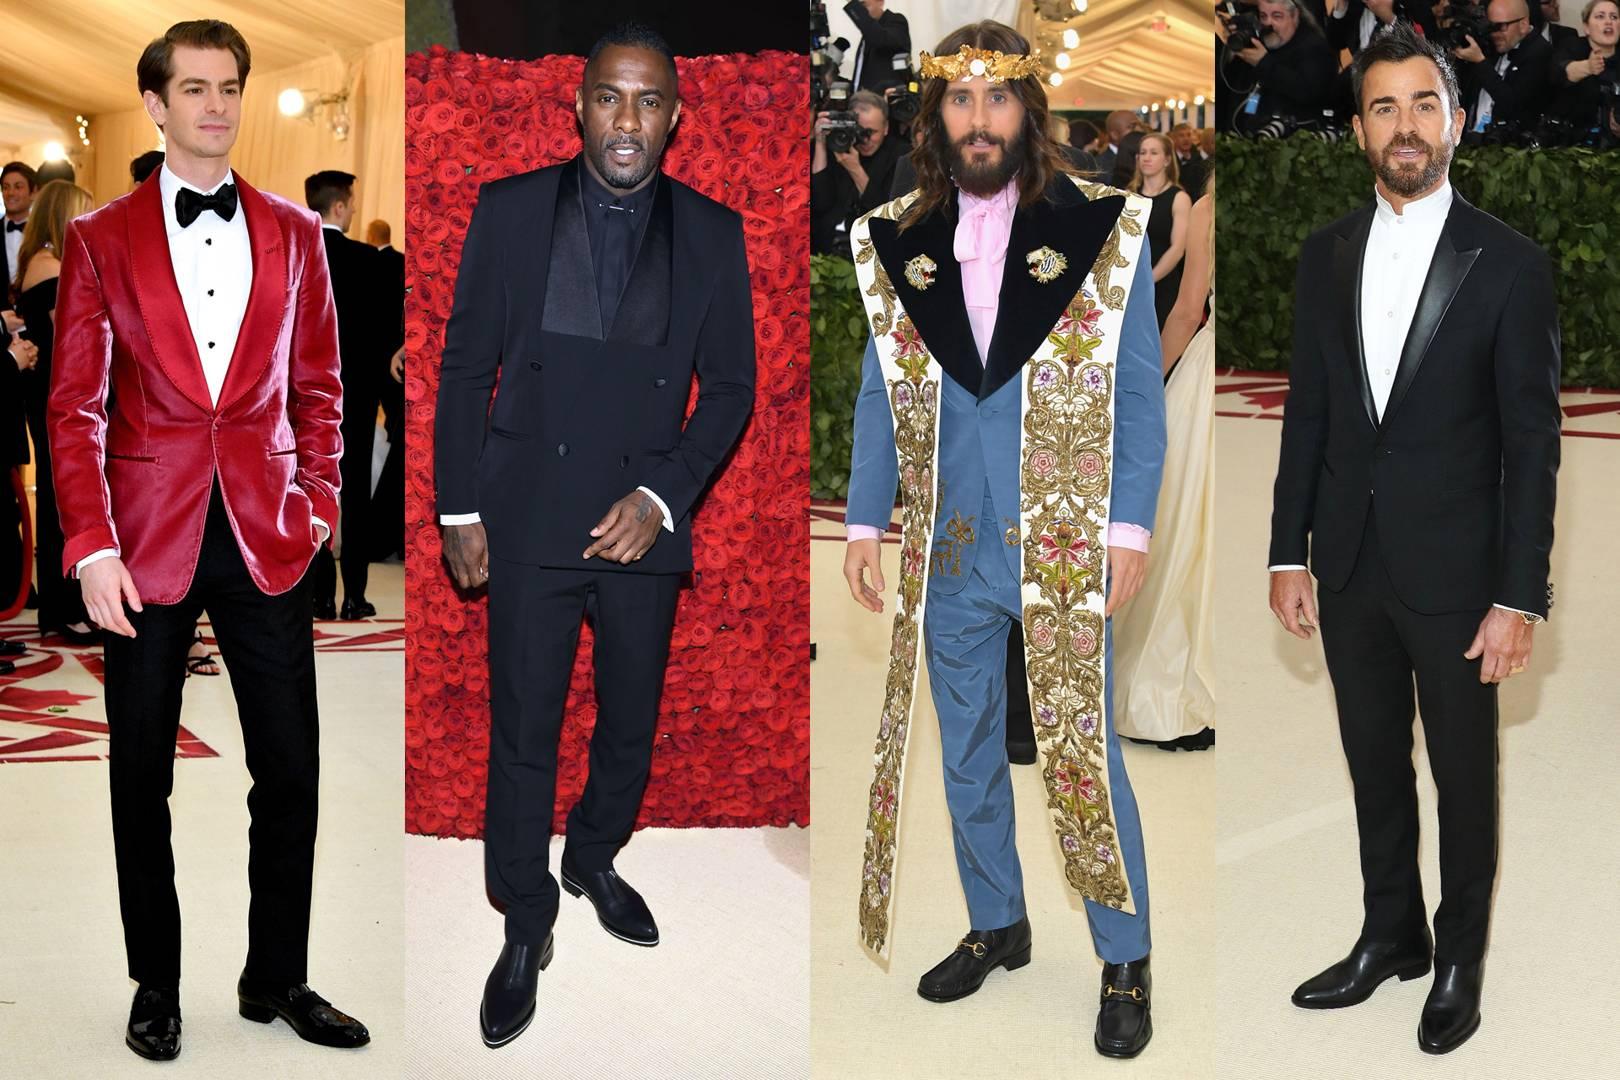 Met gala 2018 best dressed men british gq altavistaventures Images